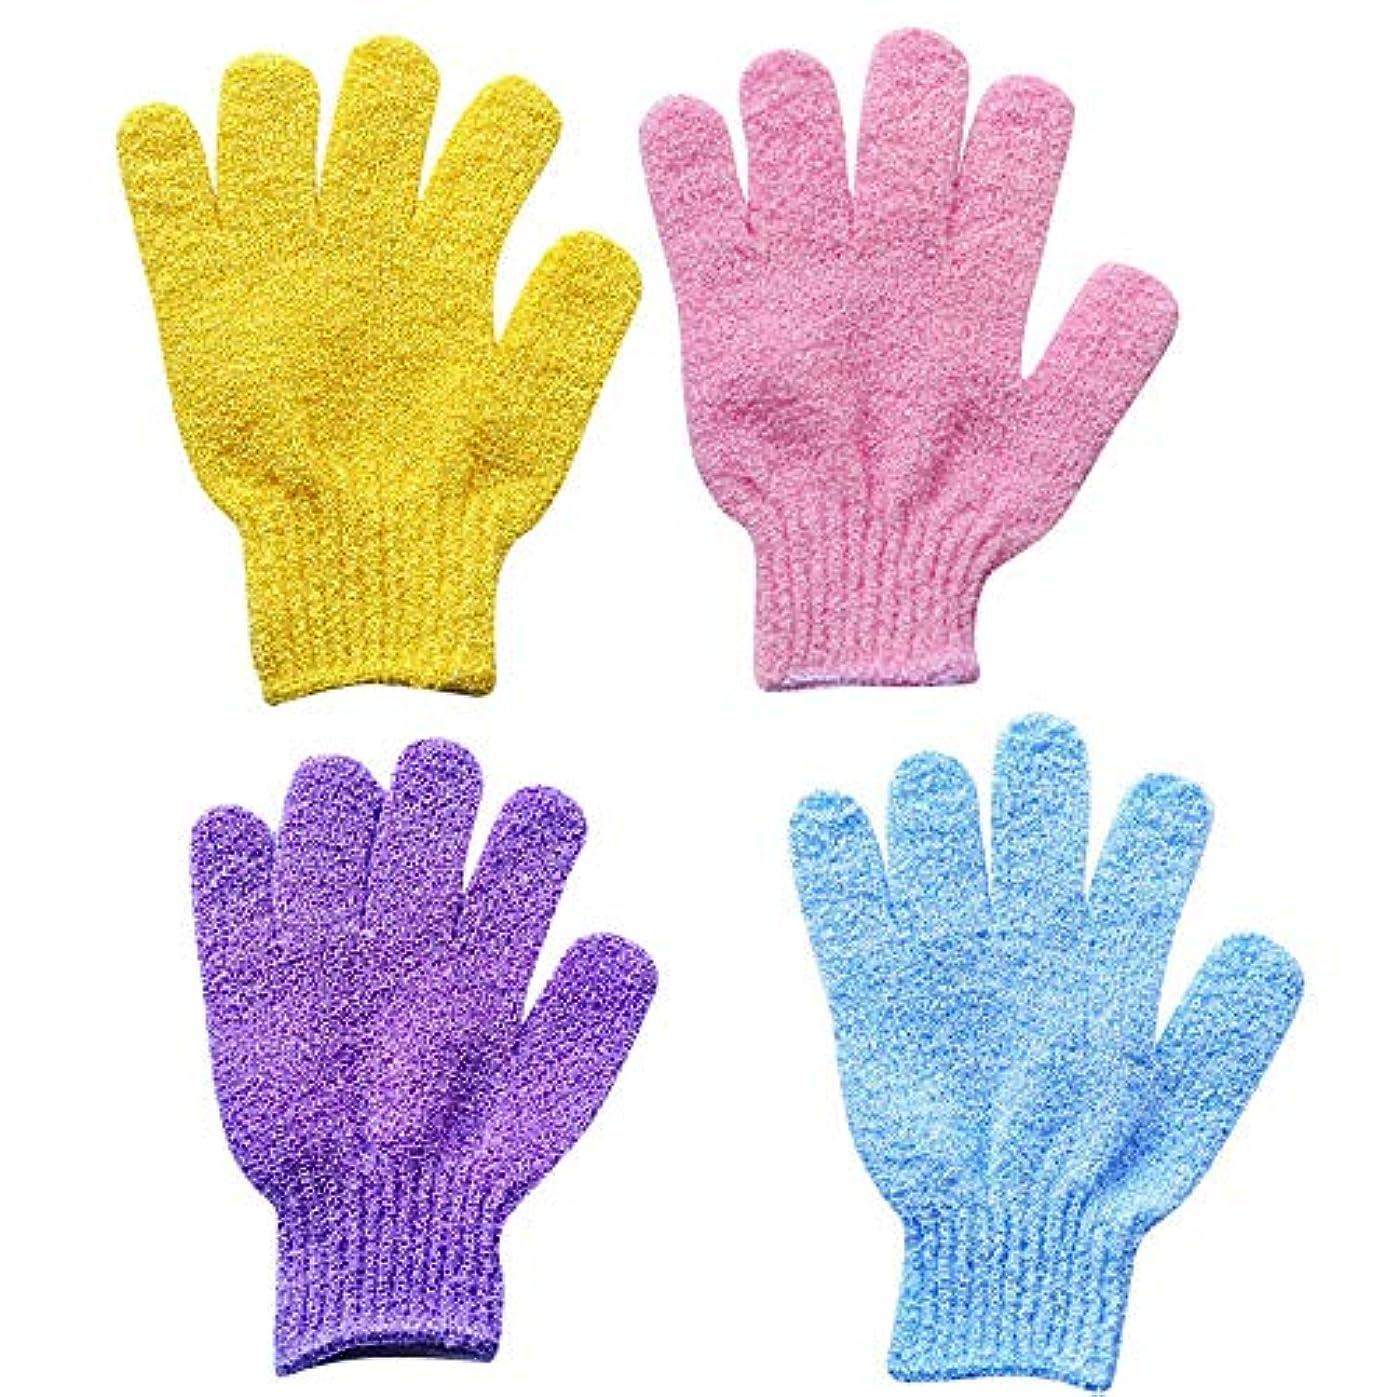 架空のブランド名ママLittleliving 浴用手袋 ボディタオル 入浴用品 バス用品 垢すり手袋 五本指 毛穴清潔 角質除去 8枚セット